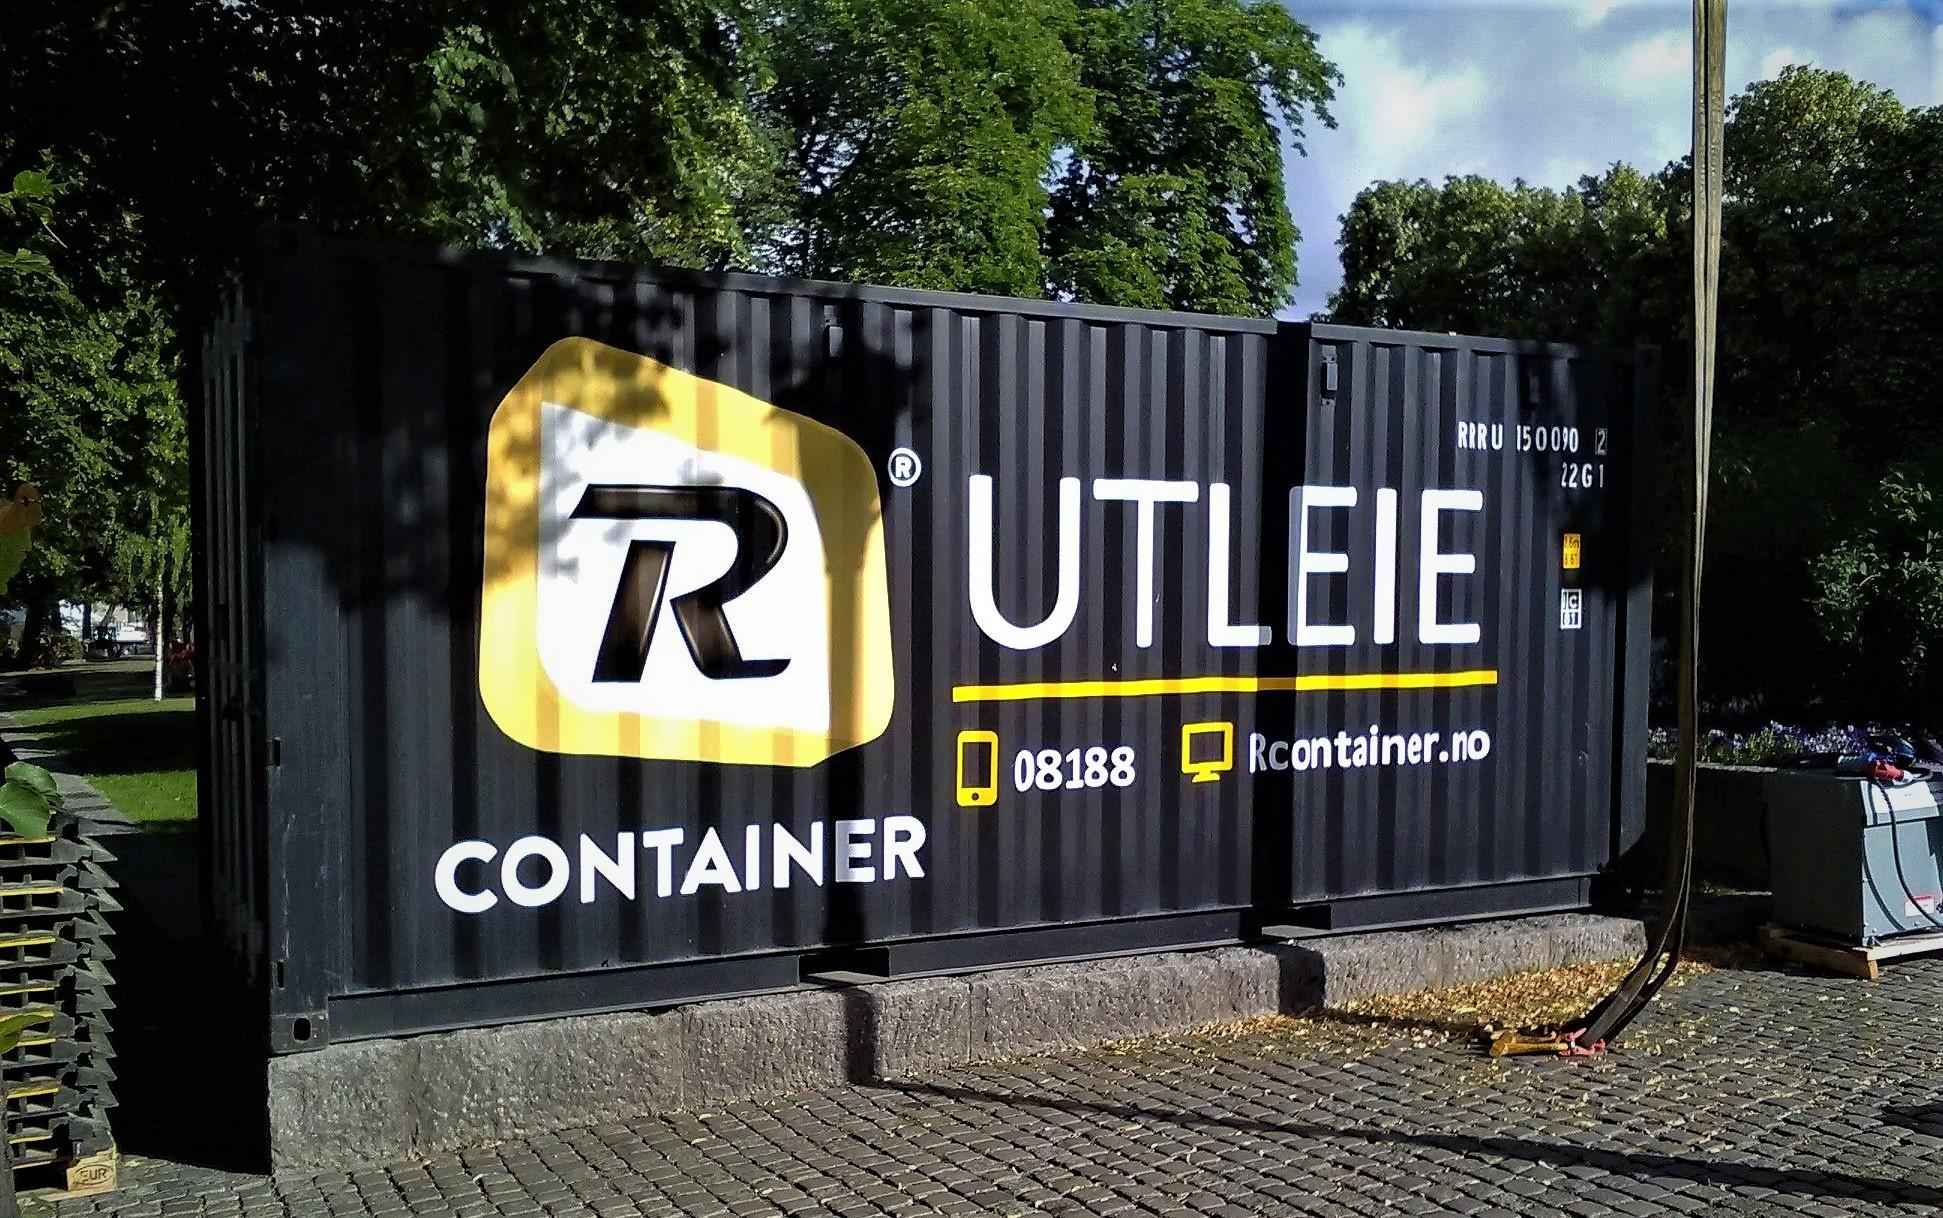 Utleie av containere til Den Norske Turistforening (DNT)